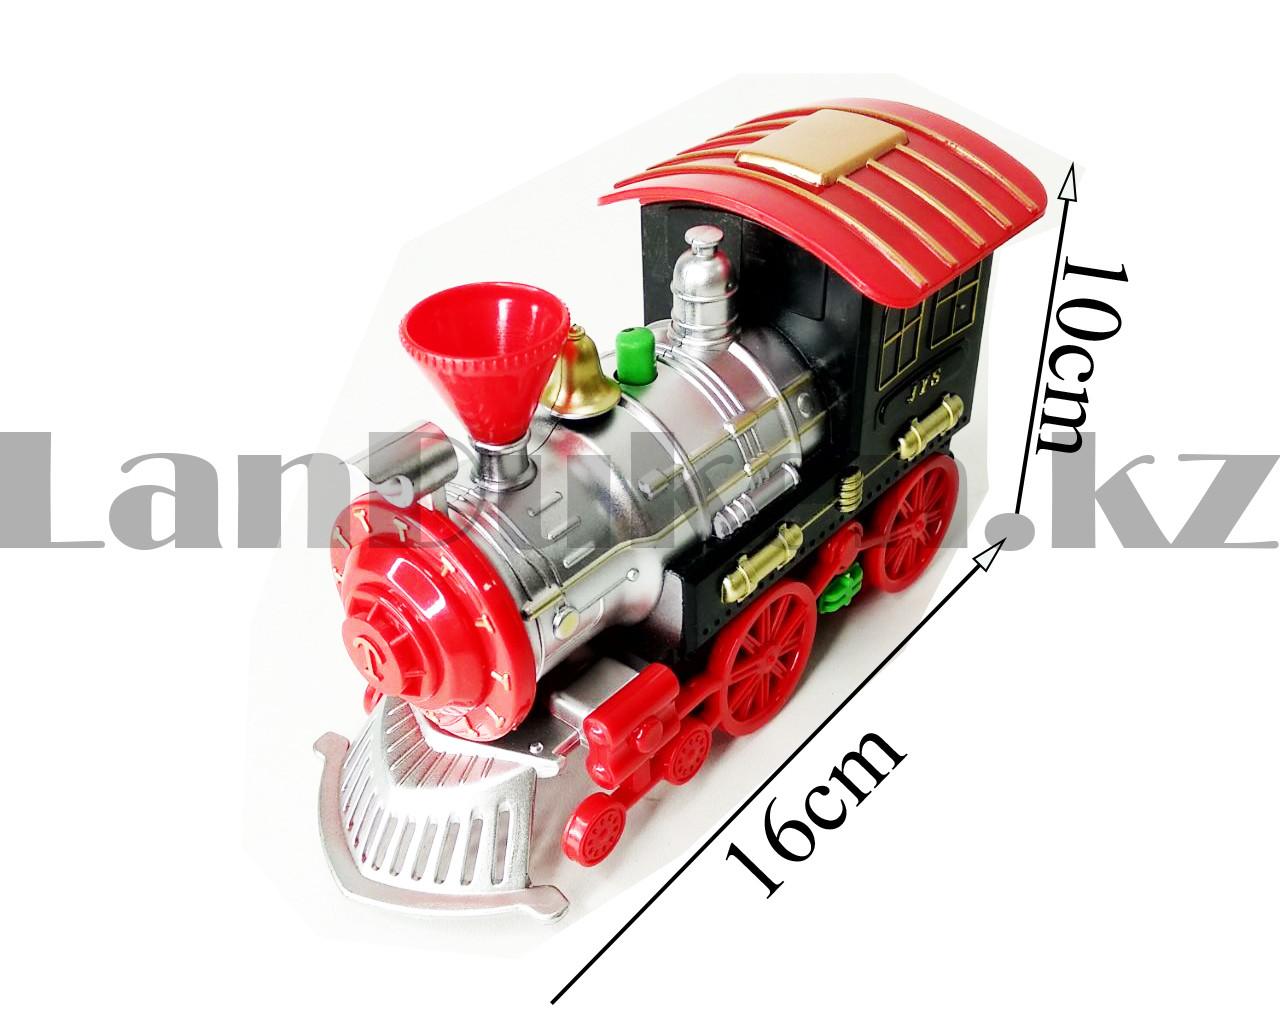 Игрушечный набор железная дорога и поезд со свето-звуковым сопровождением на 17 деталей Locomotive RailWay - фото 4